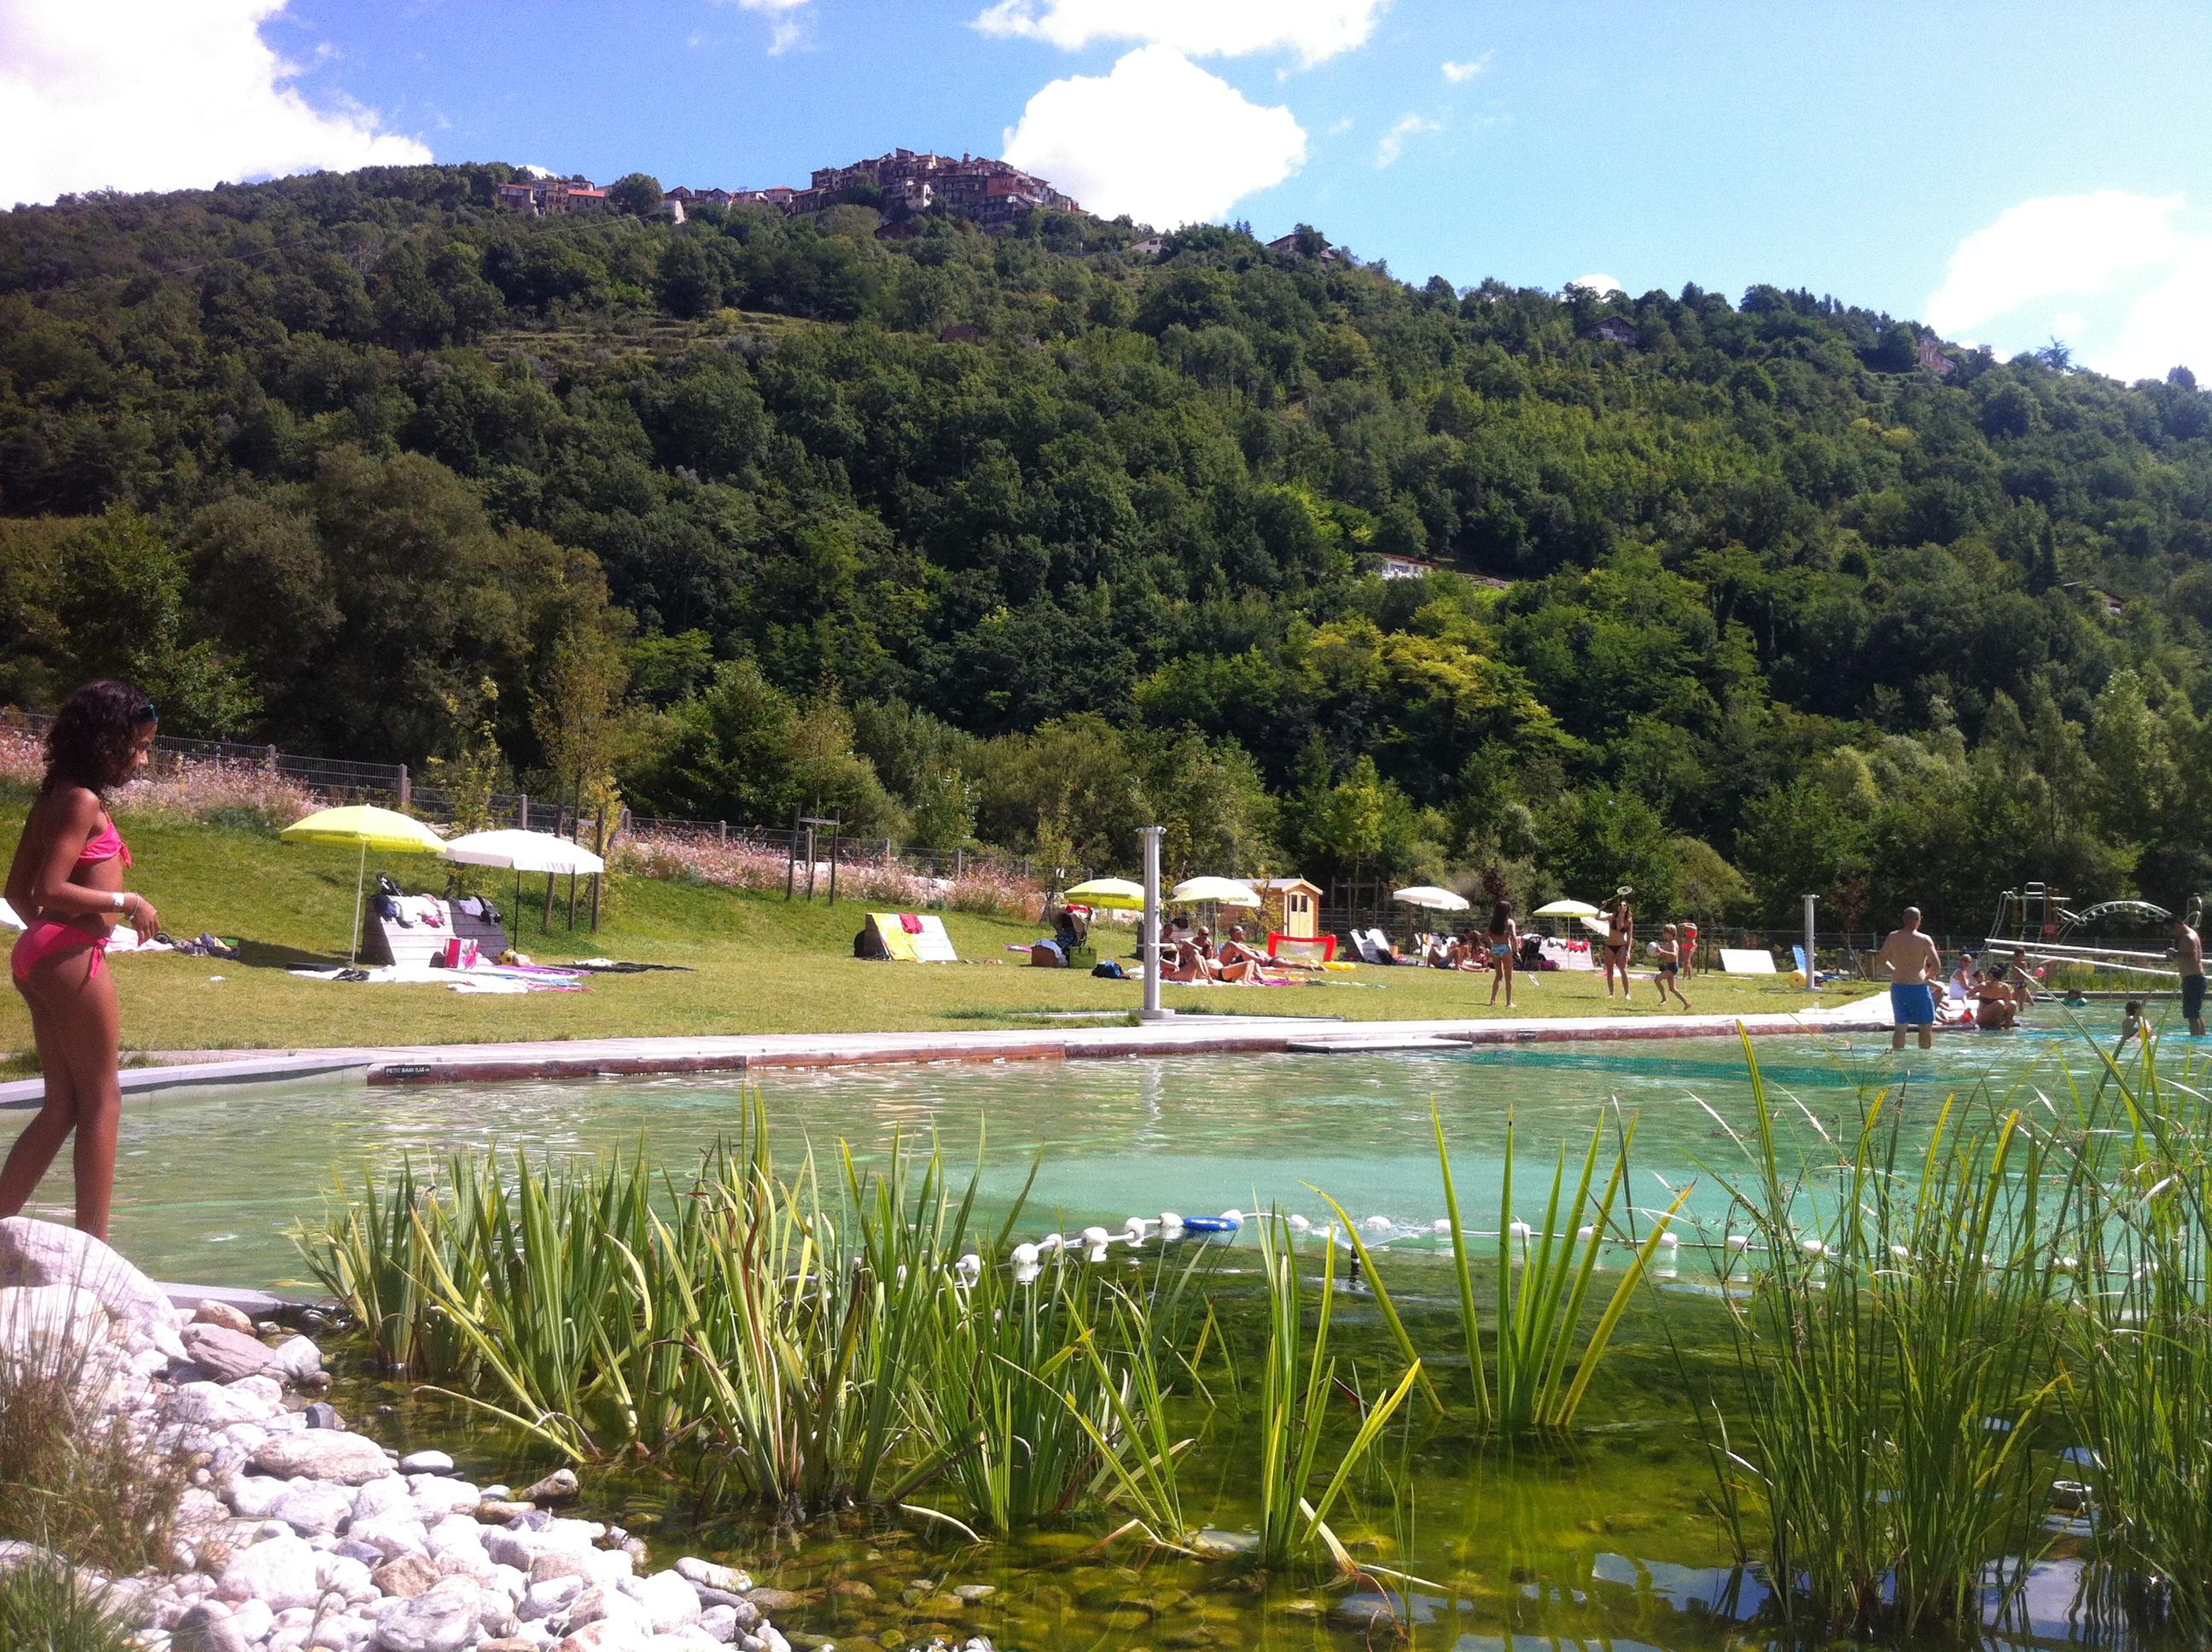 Bassin biologique de roquebilli re photo voyageons autrement for Bassin biologique